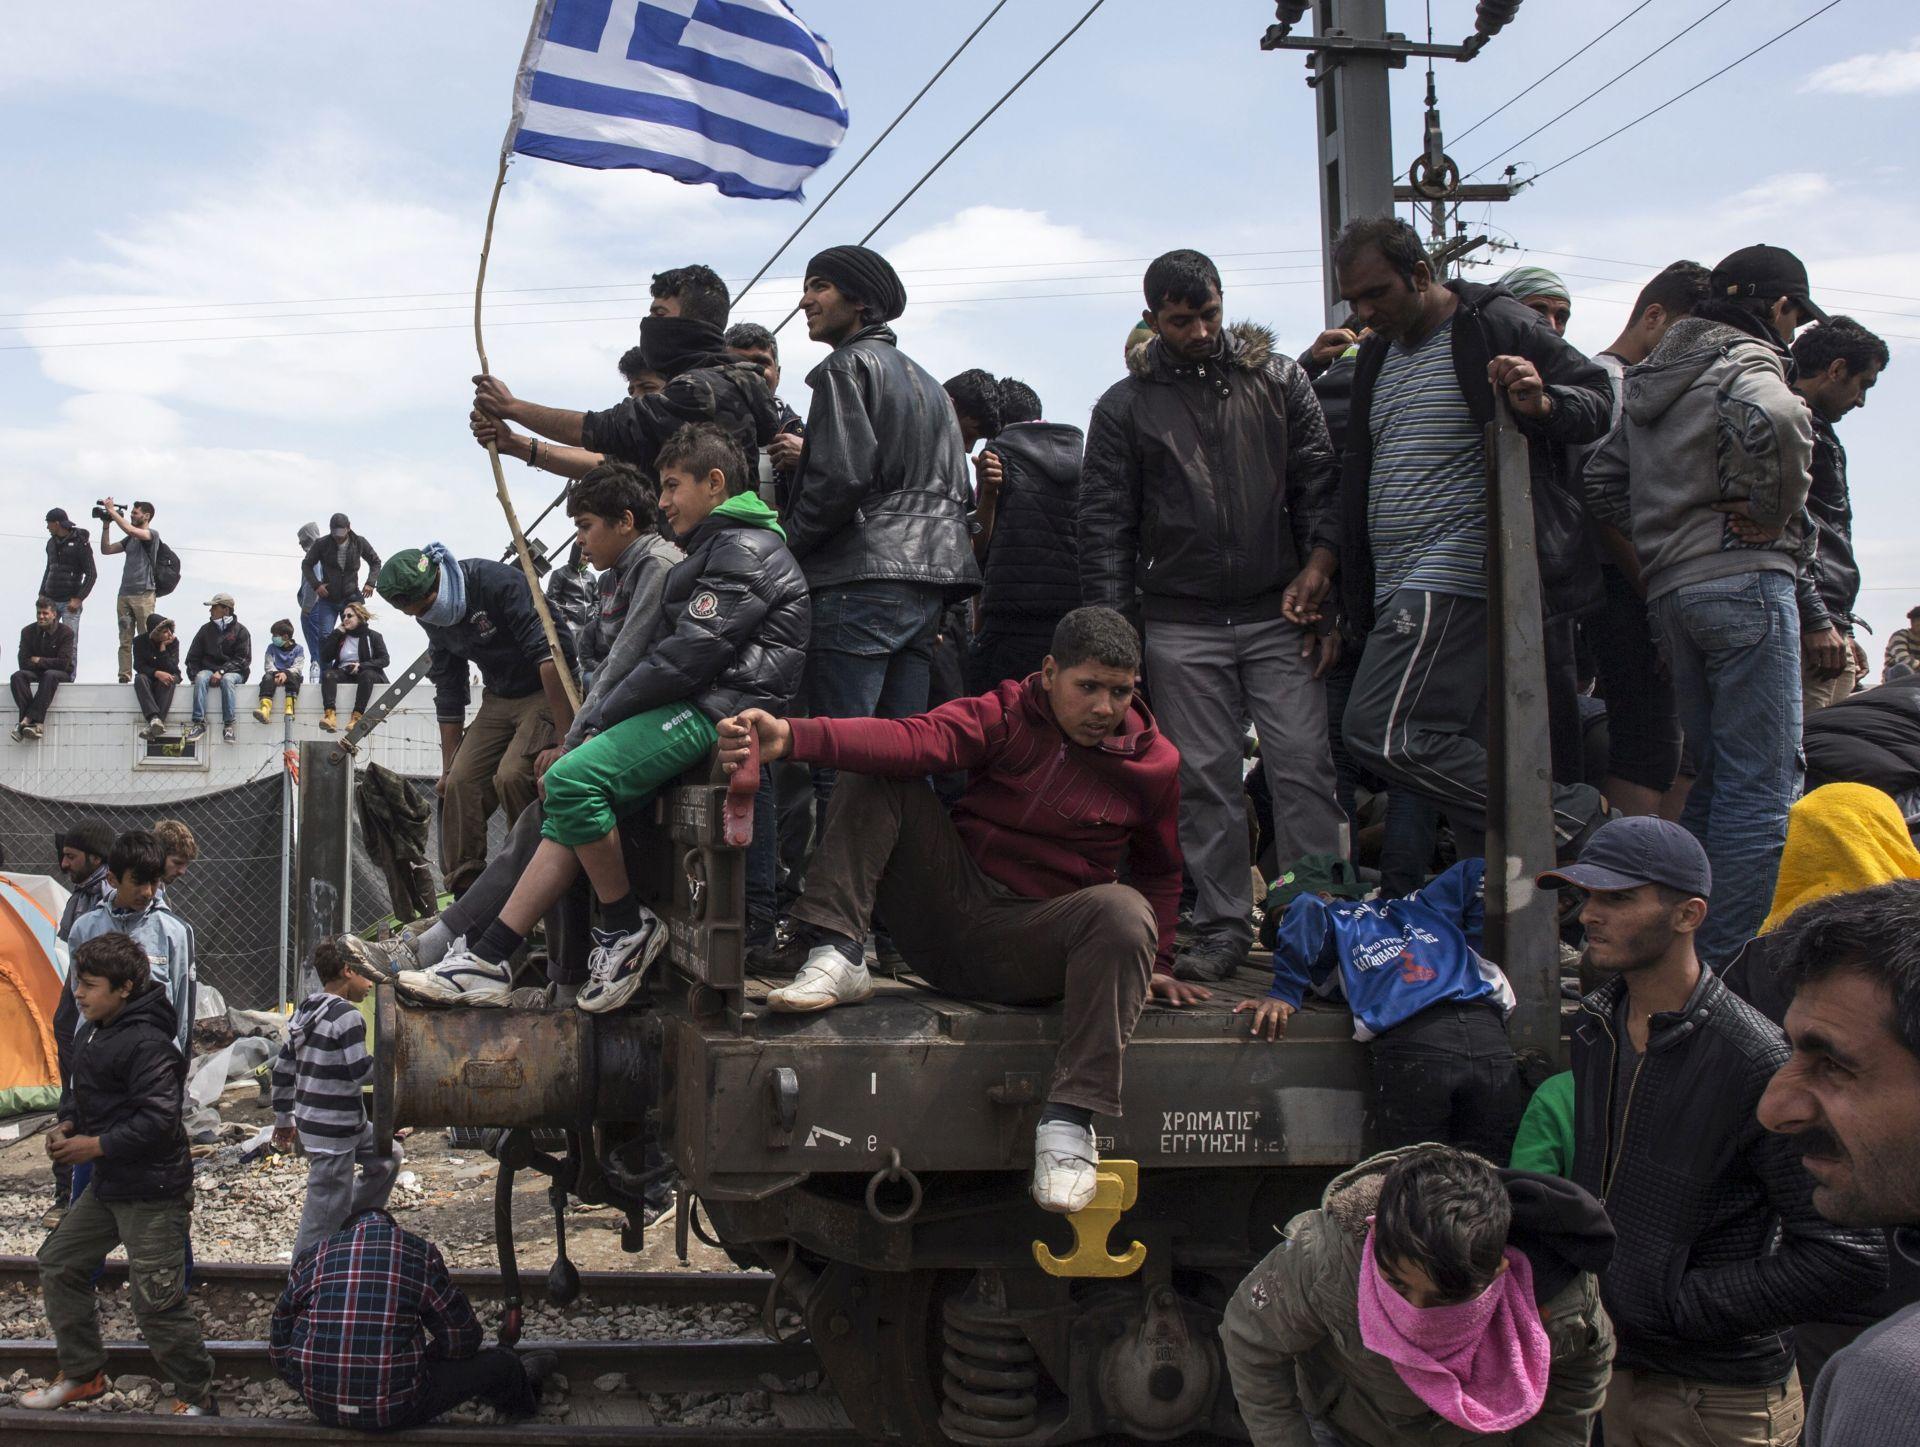 SPORAZUM EU-TURSKA: Priljev migranata u Grčku se smanjuje, u Idomeniju i dalje napeto